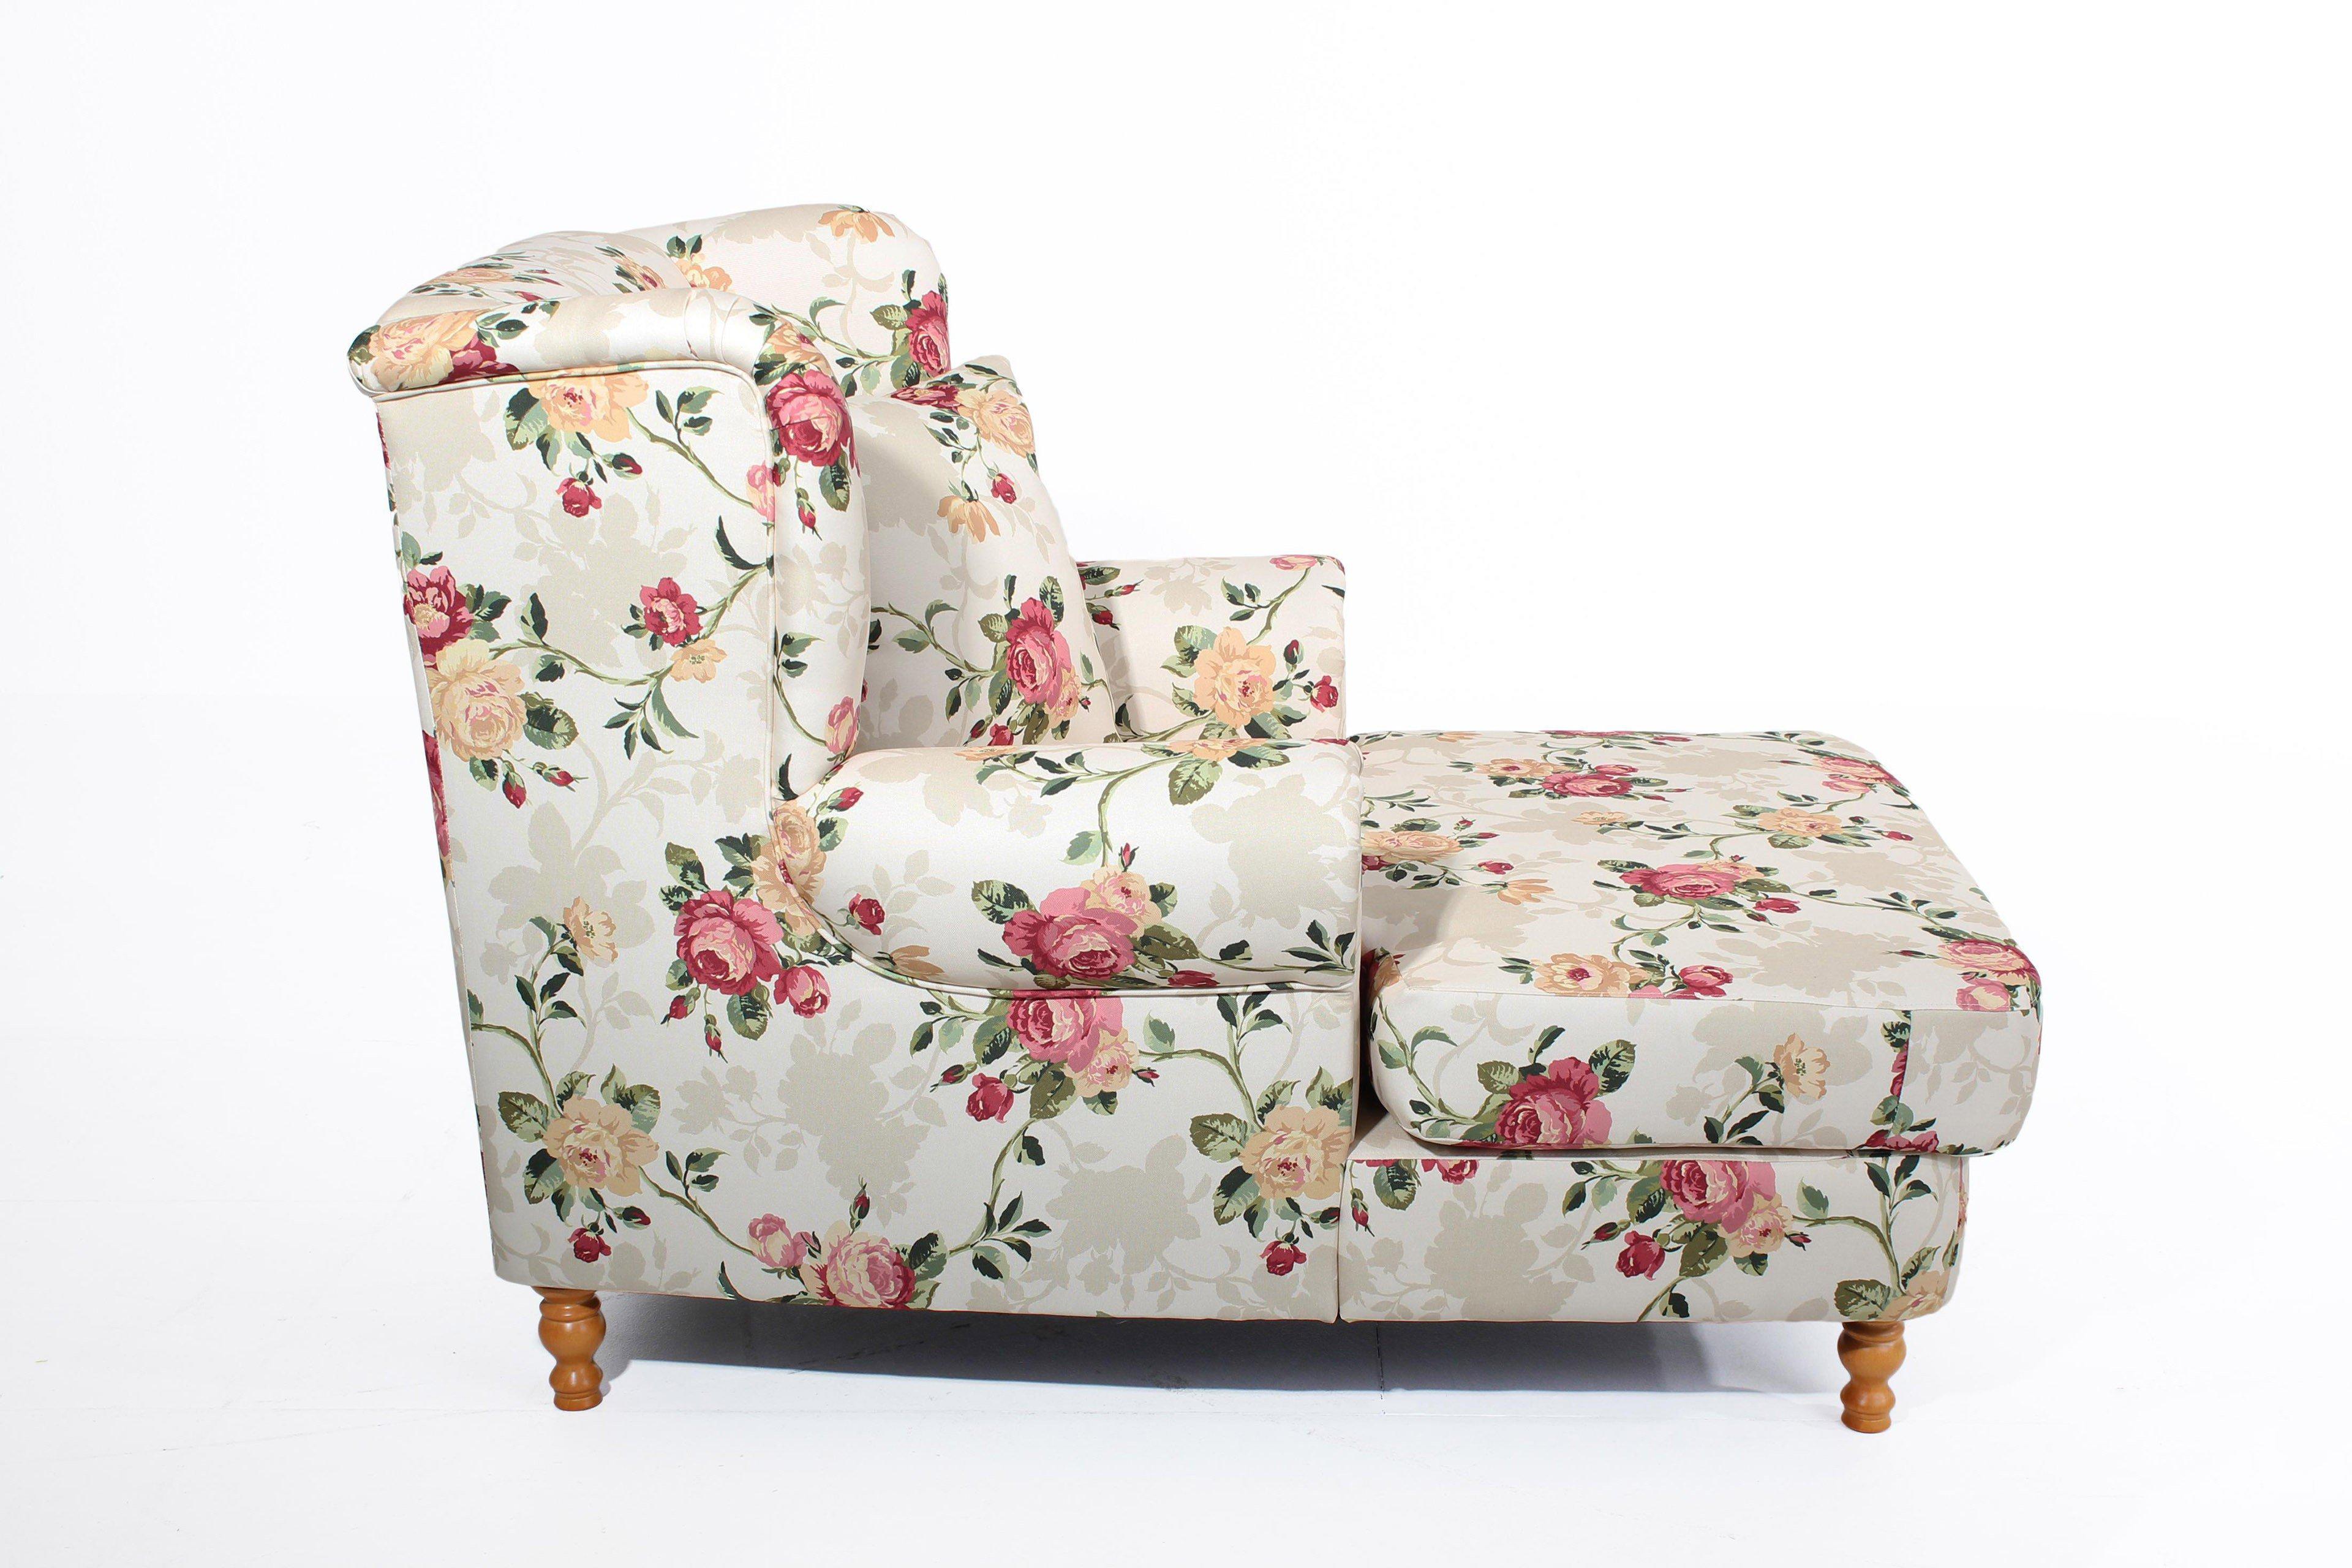 max winzer mareille sessel mit blumenmuster m bel letz ihr online shop. Black Bedroom Furniture Sets. Home Design Ideas